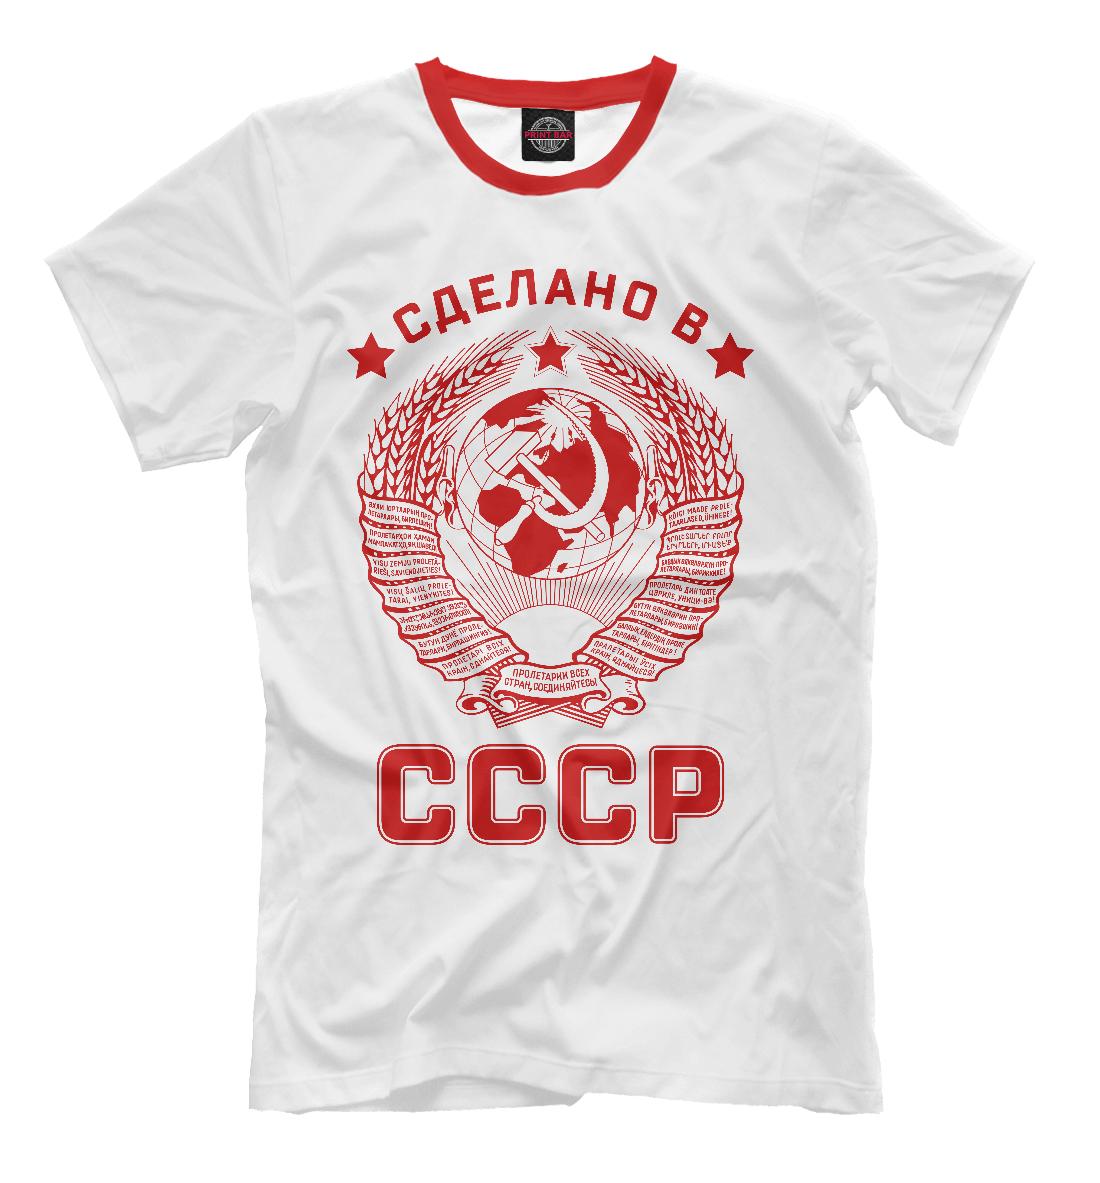 Купить Сделано в СССР, Printbar, Футболки, SSS-476417-fut-2